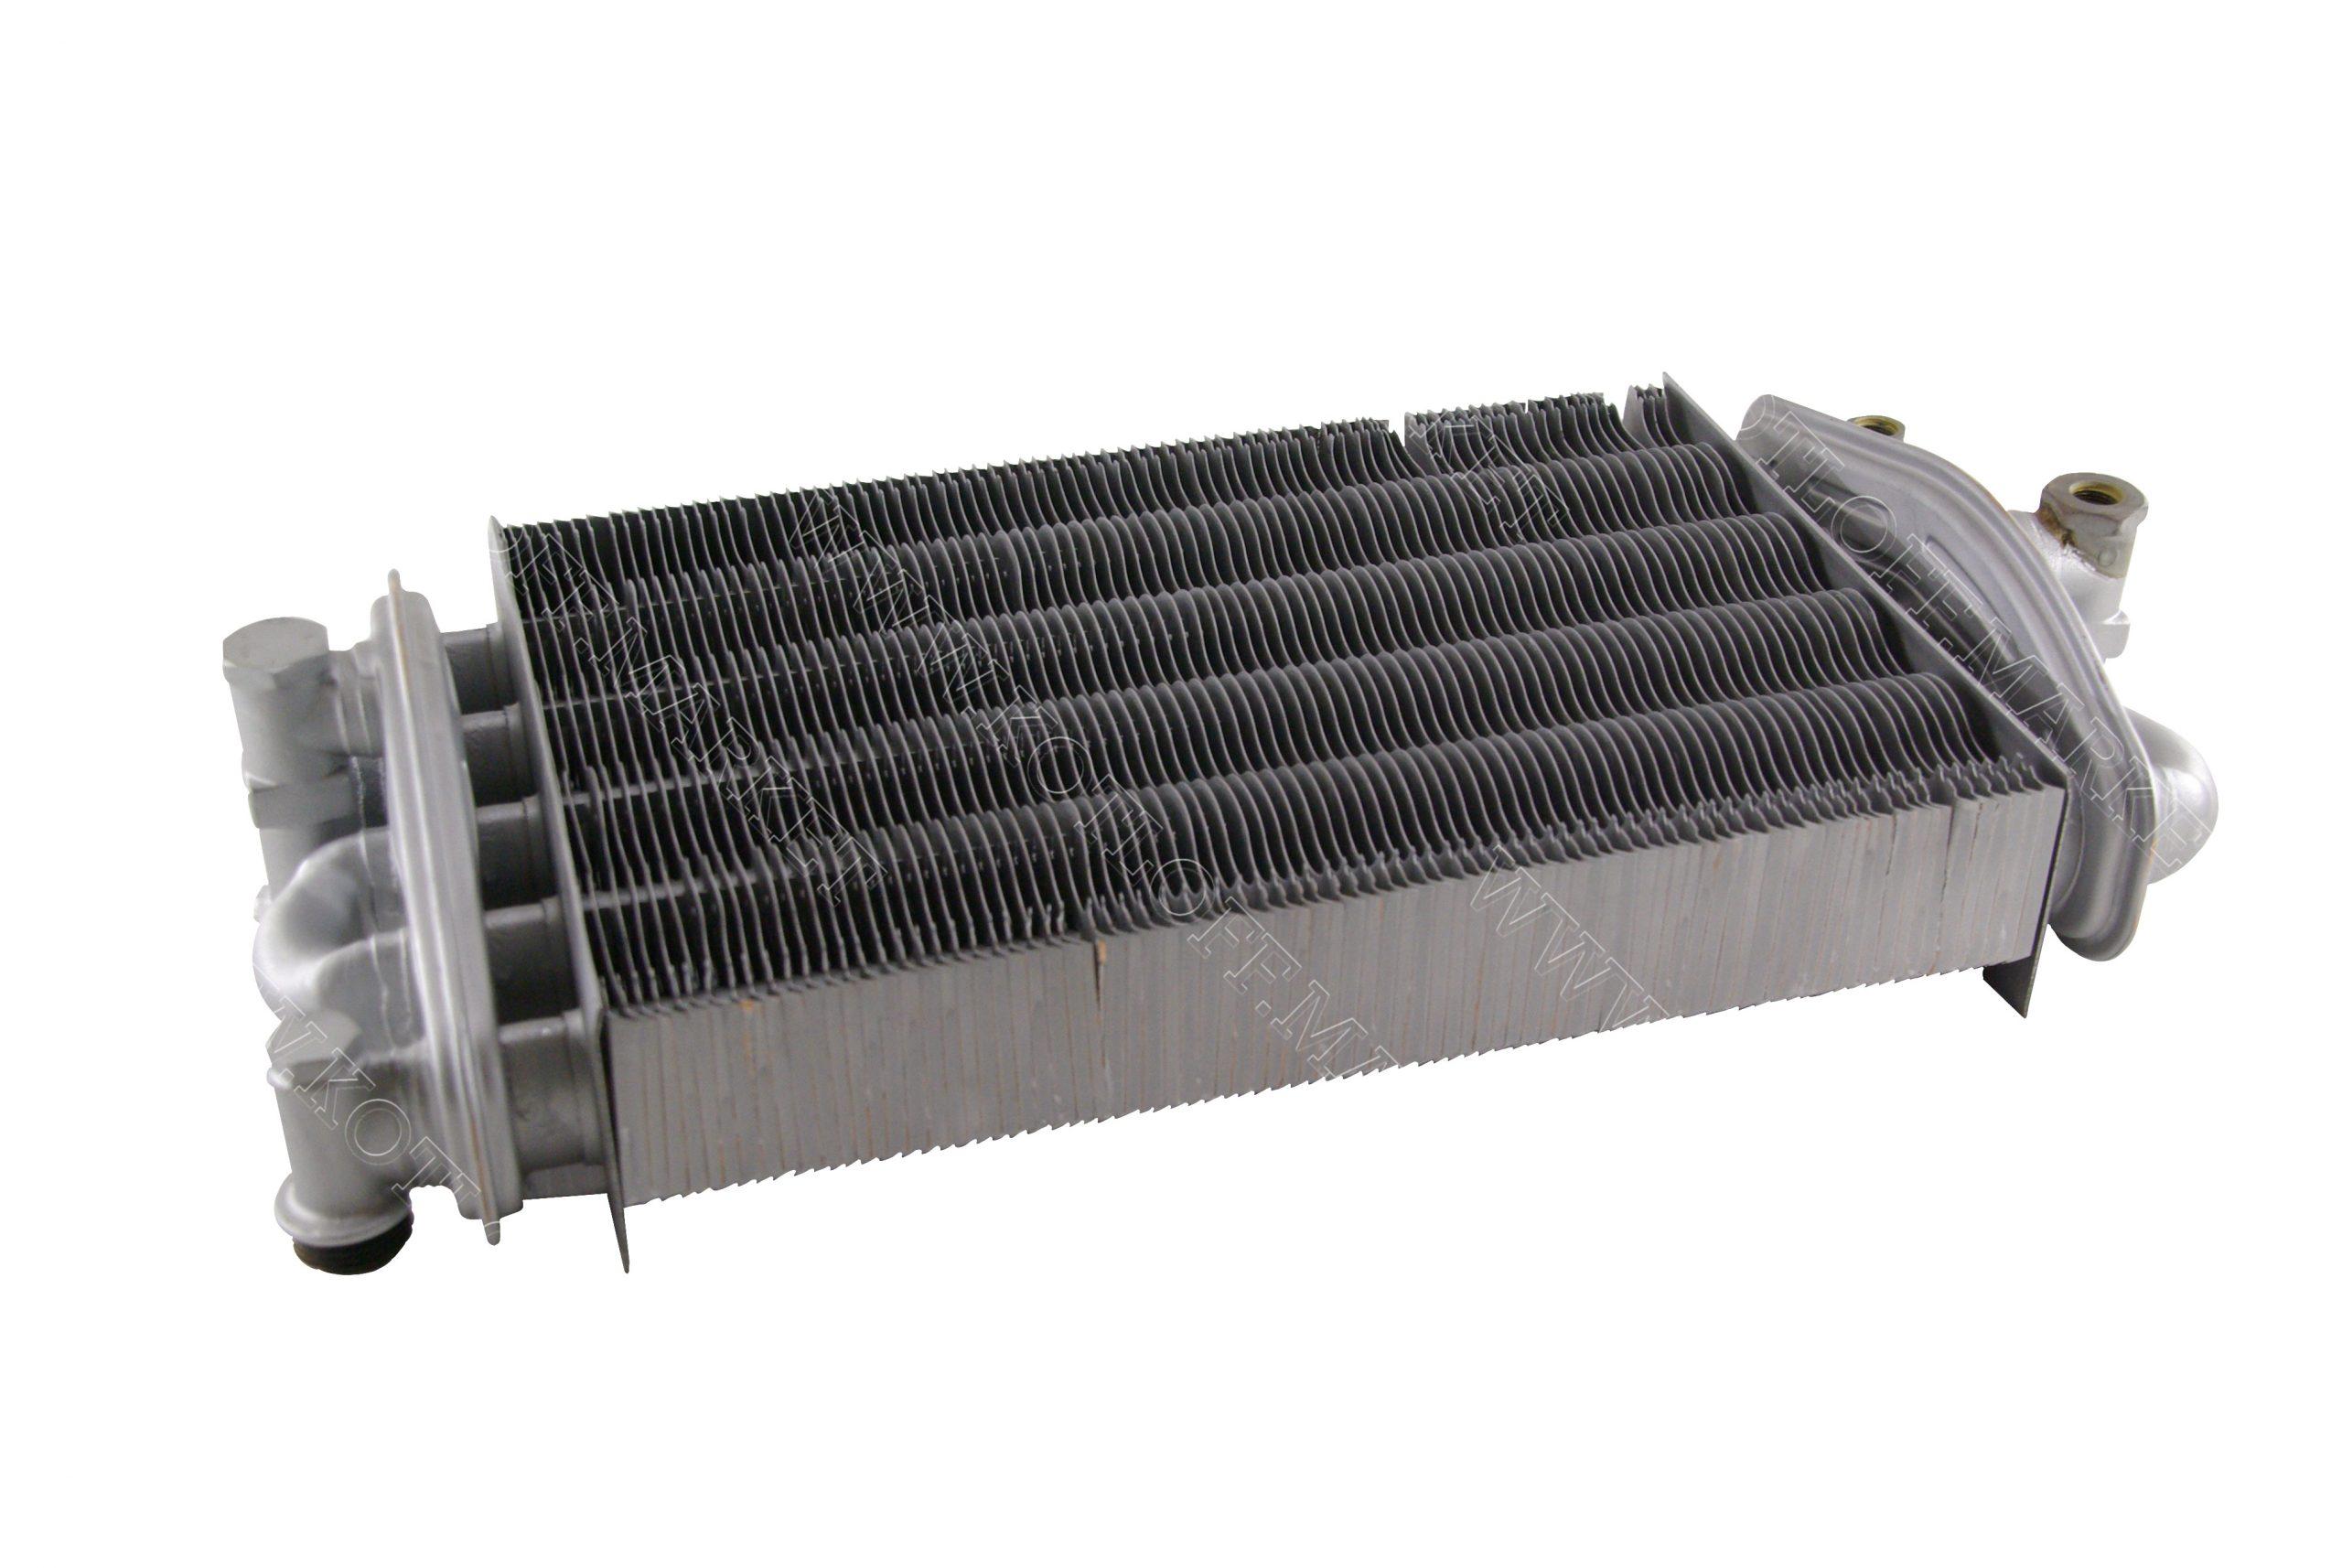 Теплообменник битермический Valmex (Италия) на газовые котлы Protherm